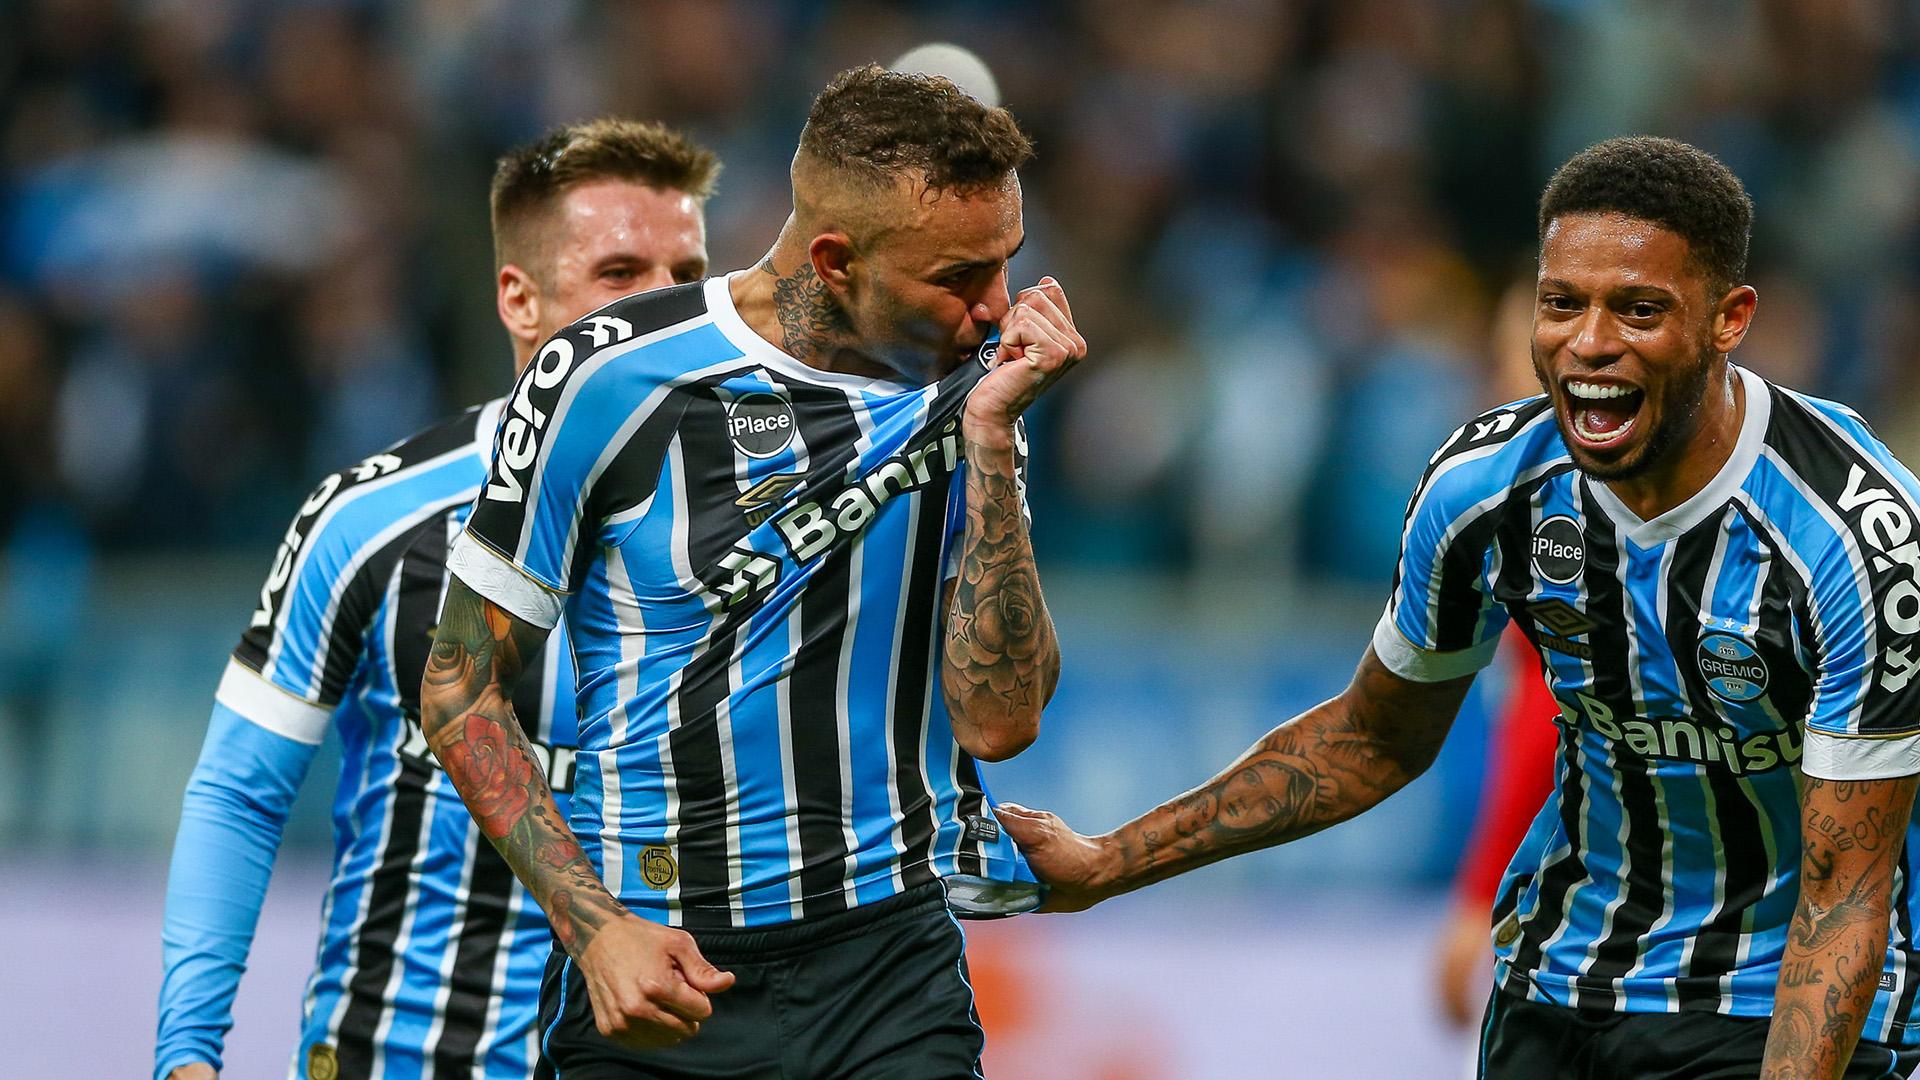 Gremio En La Copa Libertadores 2018: Qué Equipo Tiene